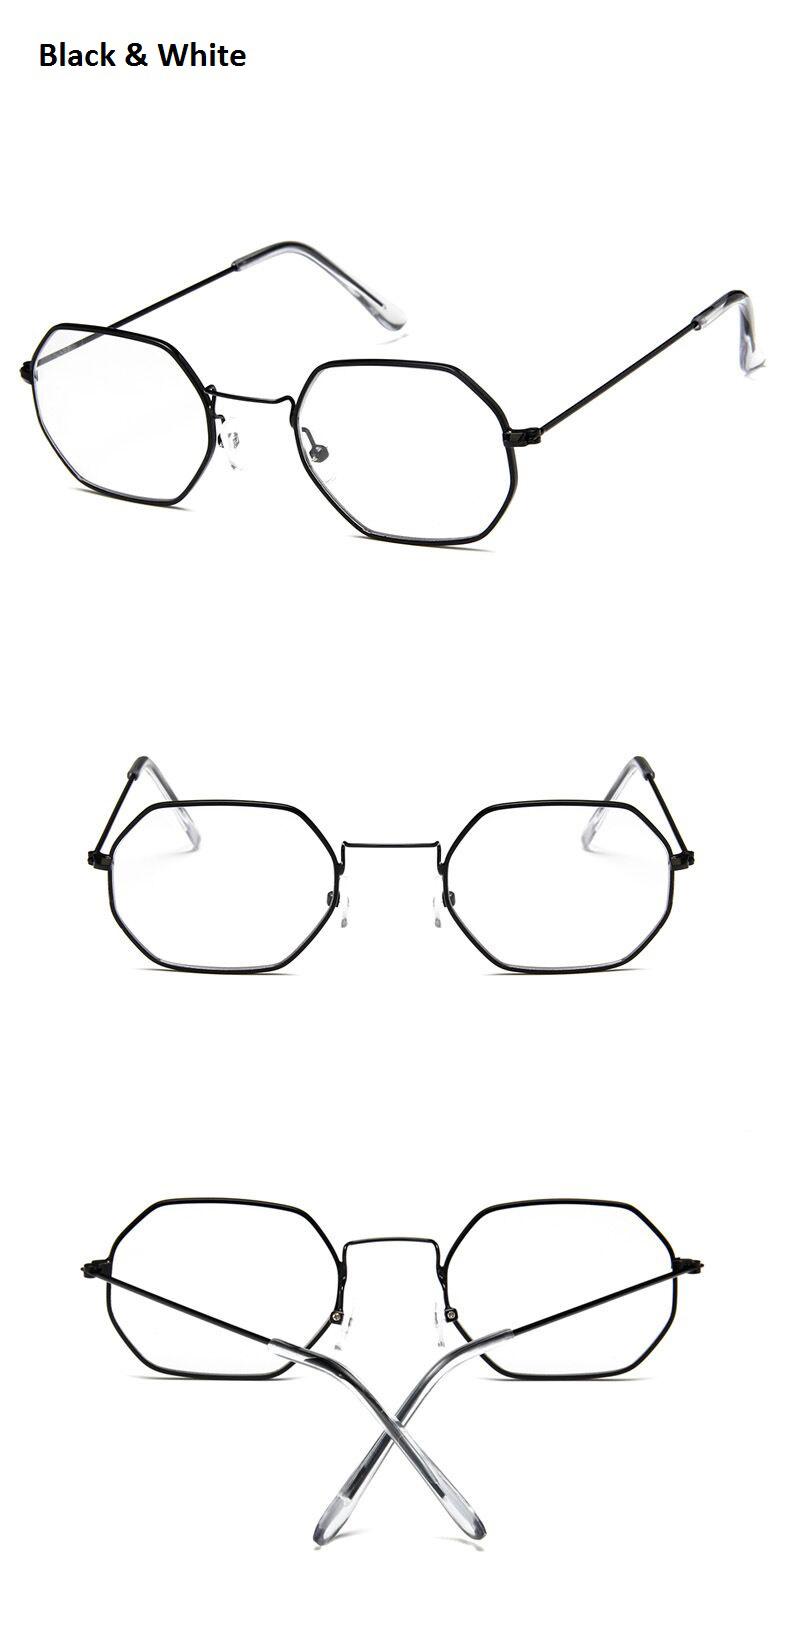 HTB1S1RvSpXXXXXfaXXXq6xXFXXXK - ZBHwish 2017 Square Sunglasses Women men Retro Fashion Rose Gold Sun glasses Brand  Transparent  glasses ladies Sunglasses Women